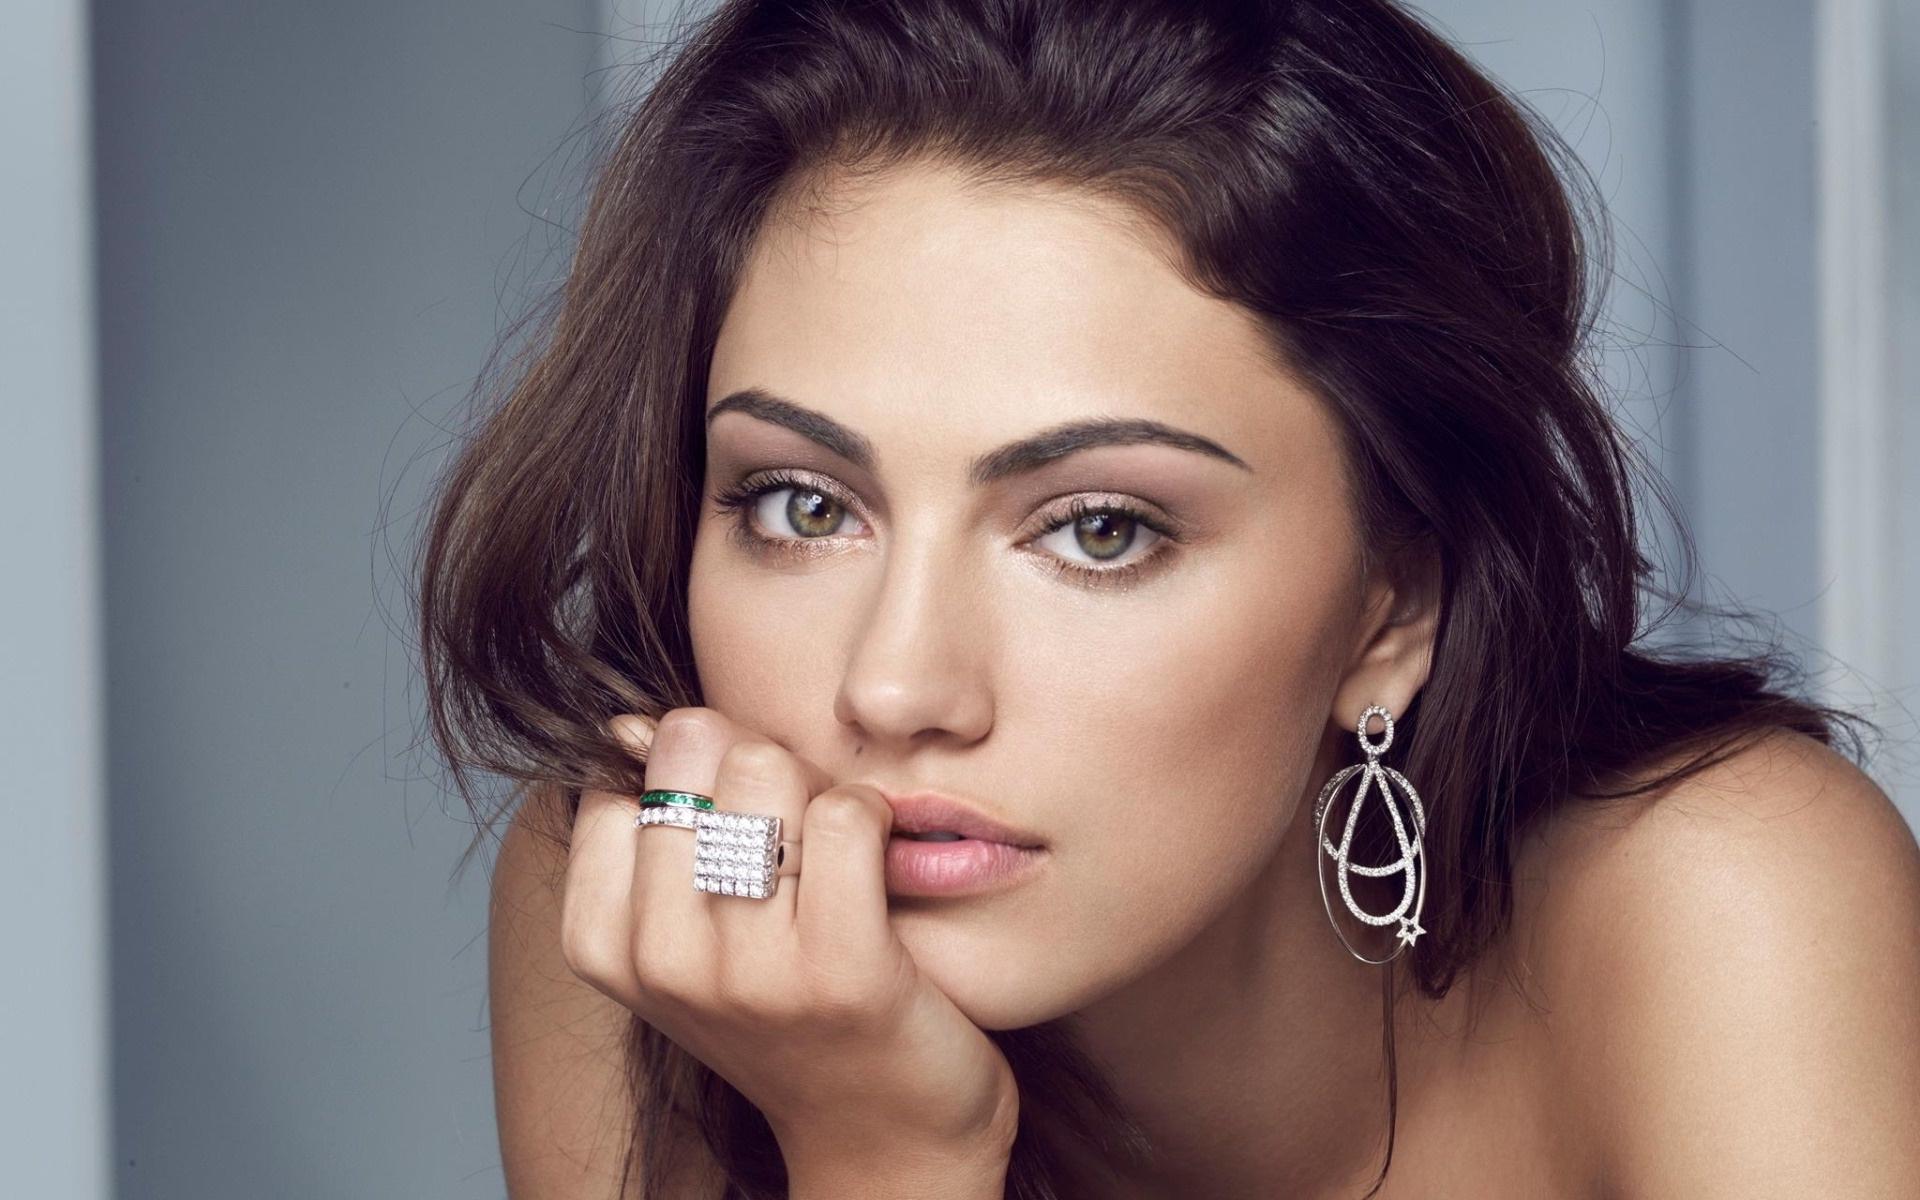 Beautiful Phoebe Tonkin